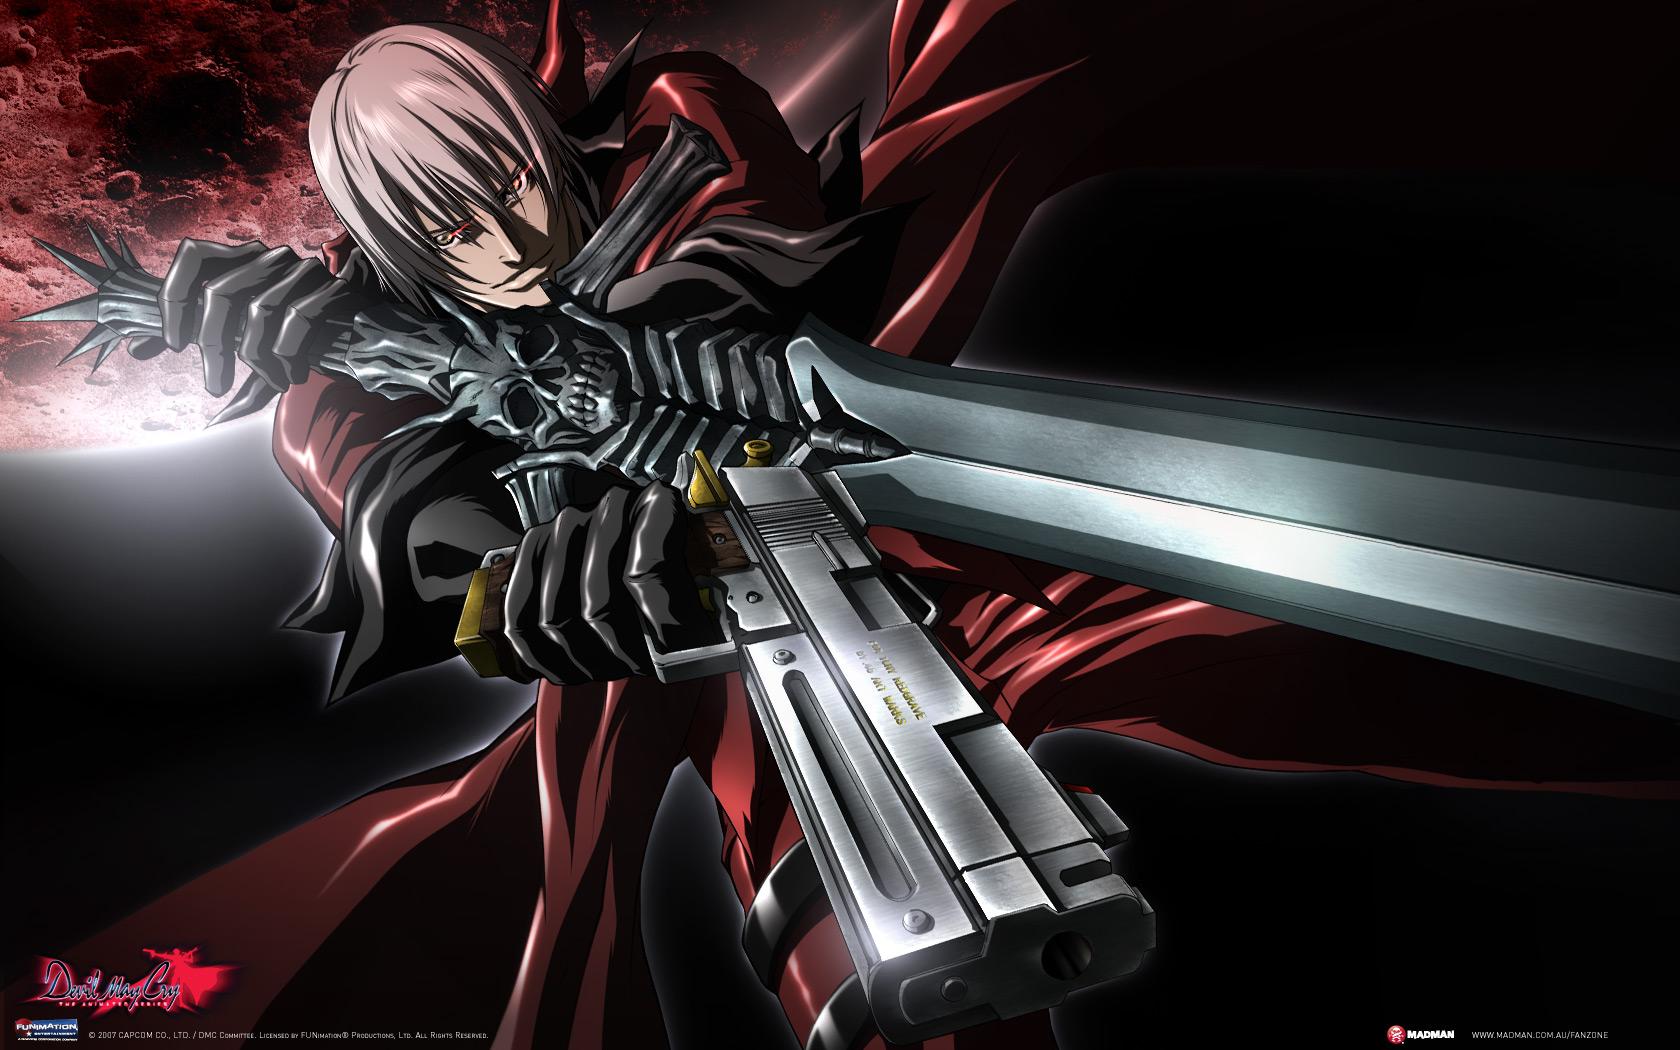 Dante Devil May Cry Wallpaper 76540 Zerochan Anime Image Board